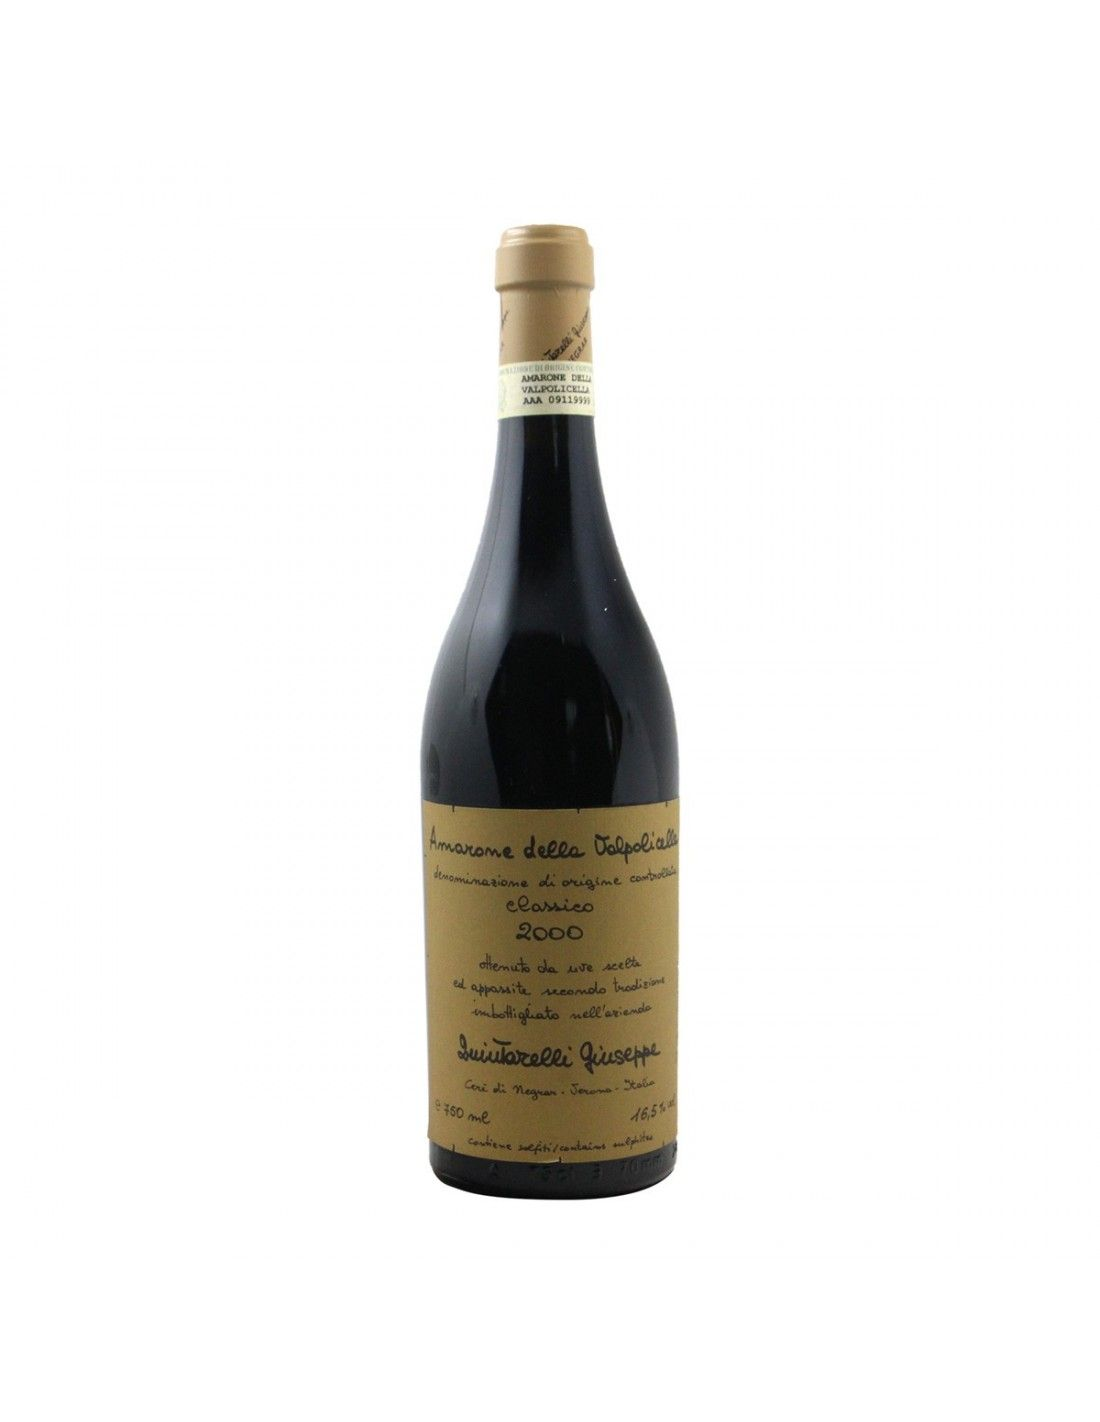 AMARONE DELLA VALPOLICELLA 2000 QUINTARELLI GIUSEPPE Grandi Bottiglie